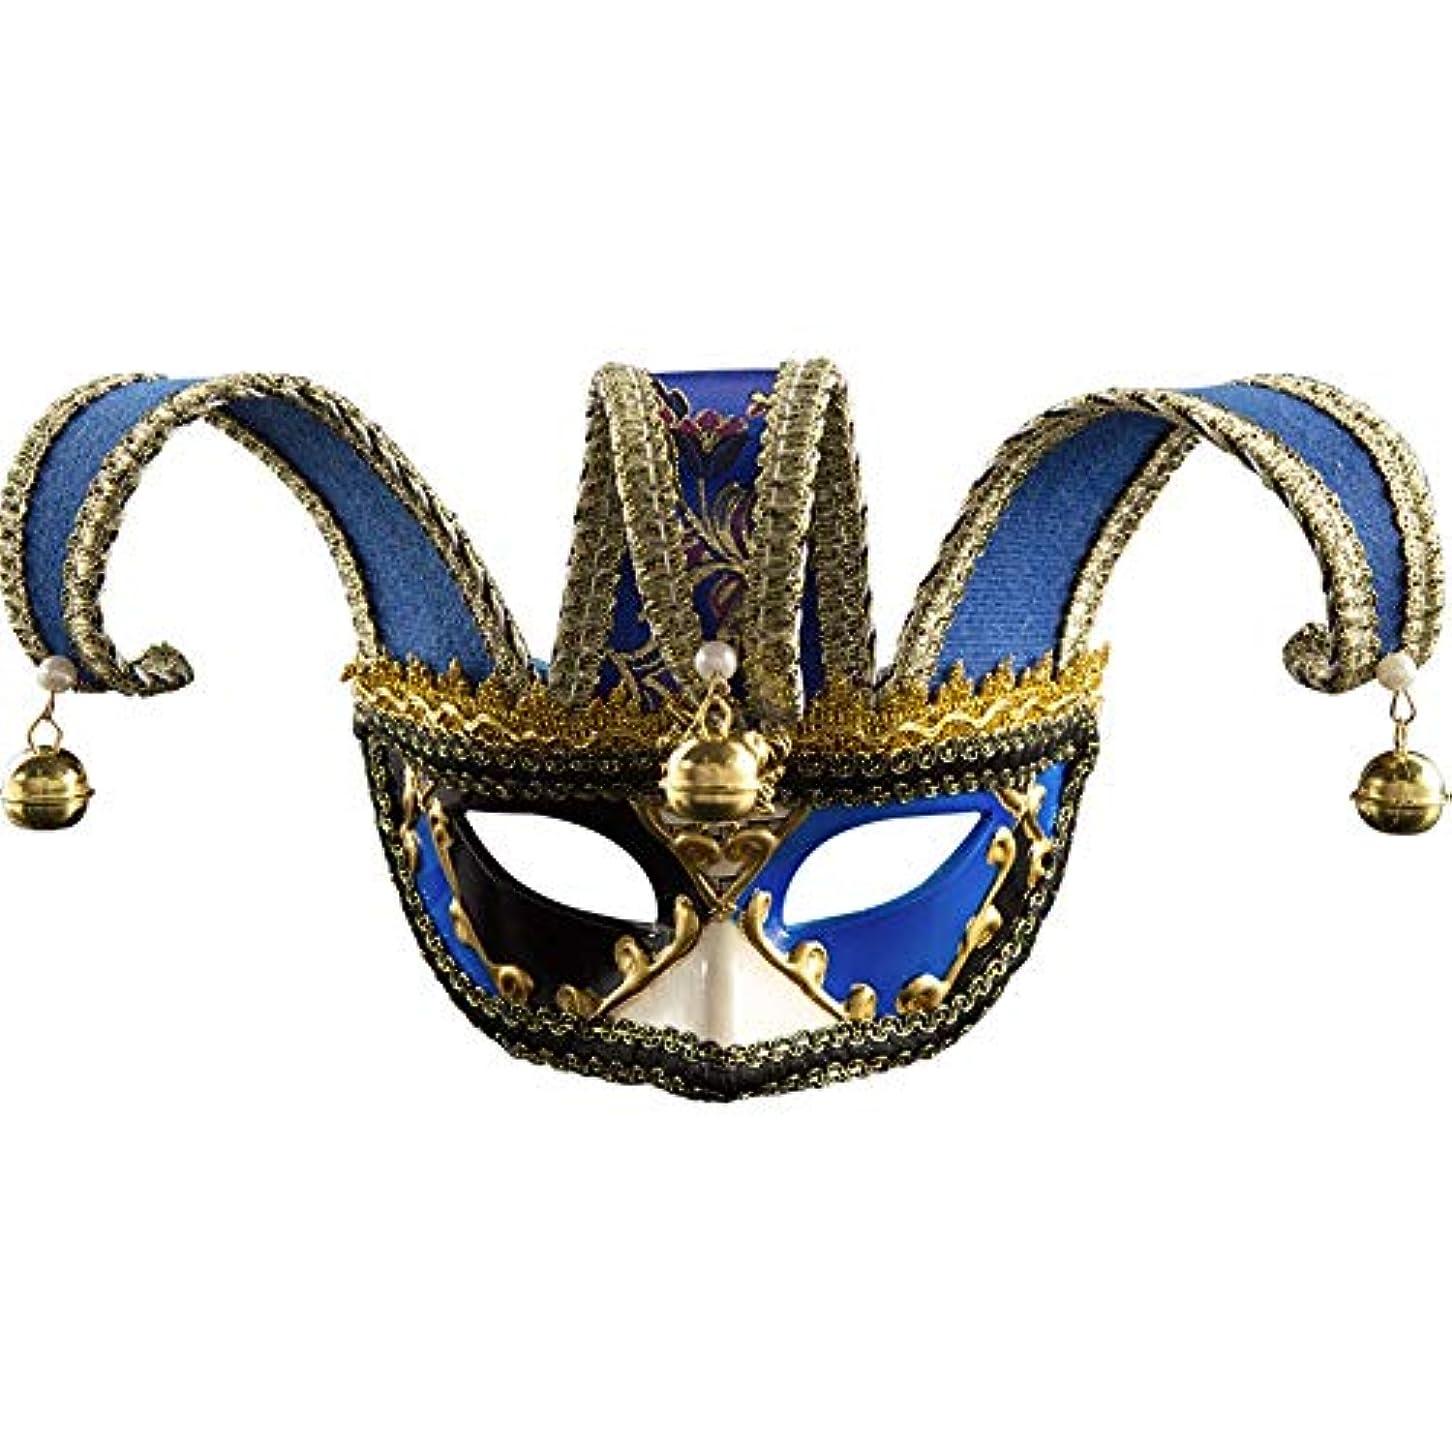 ネズミ無許可涙が出るダンスマスク ナイトクラブ音楽カーニバルマスク雰囲気クリスマスフェスティバルプラスチックマスクイブニングパーティーボール ホリデーパーティー用品 (色 : 青, サイズ : 16.5x29cm)